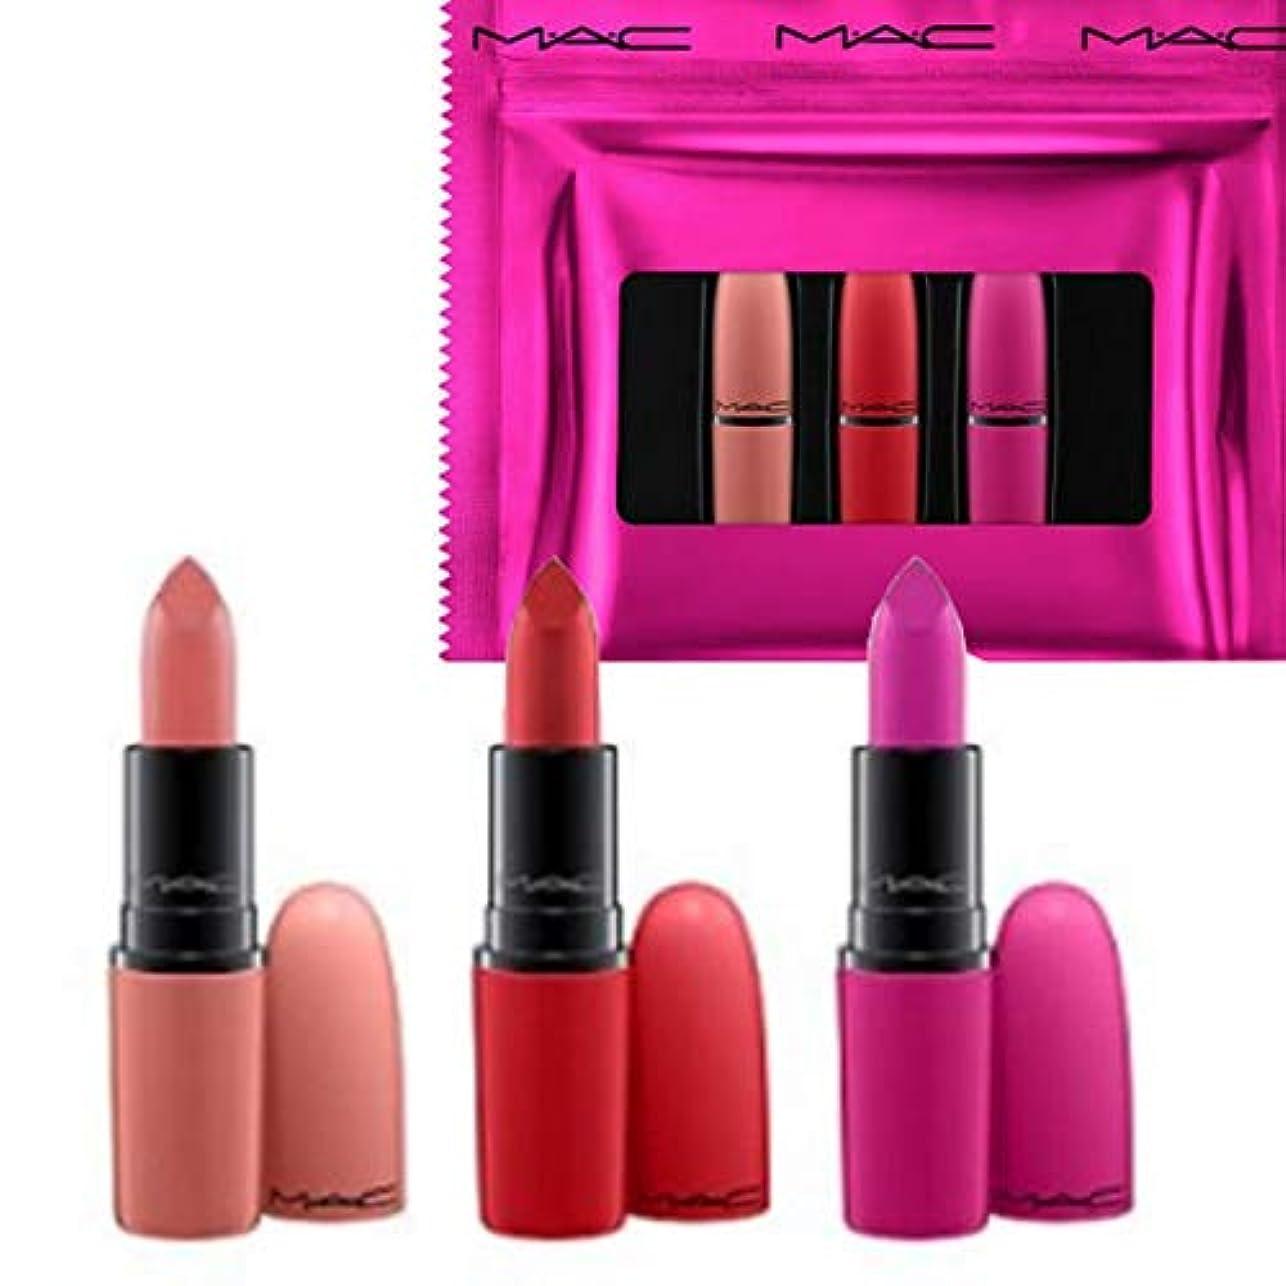 興味繁栄する電気陽性M.A.C ?マック, Limited Edition 限定版, 3-Pc. Shiny Pretty Things Lip Set - Russian Red/Kinda Sexy/Flat Out Fabulous...